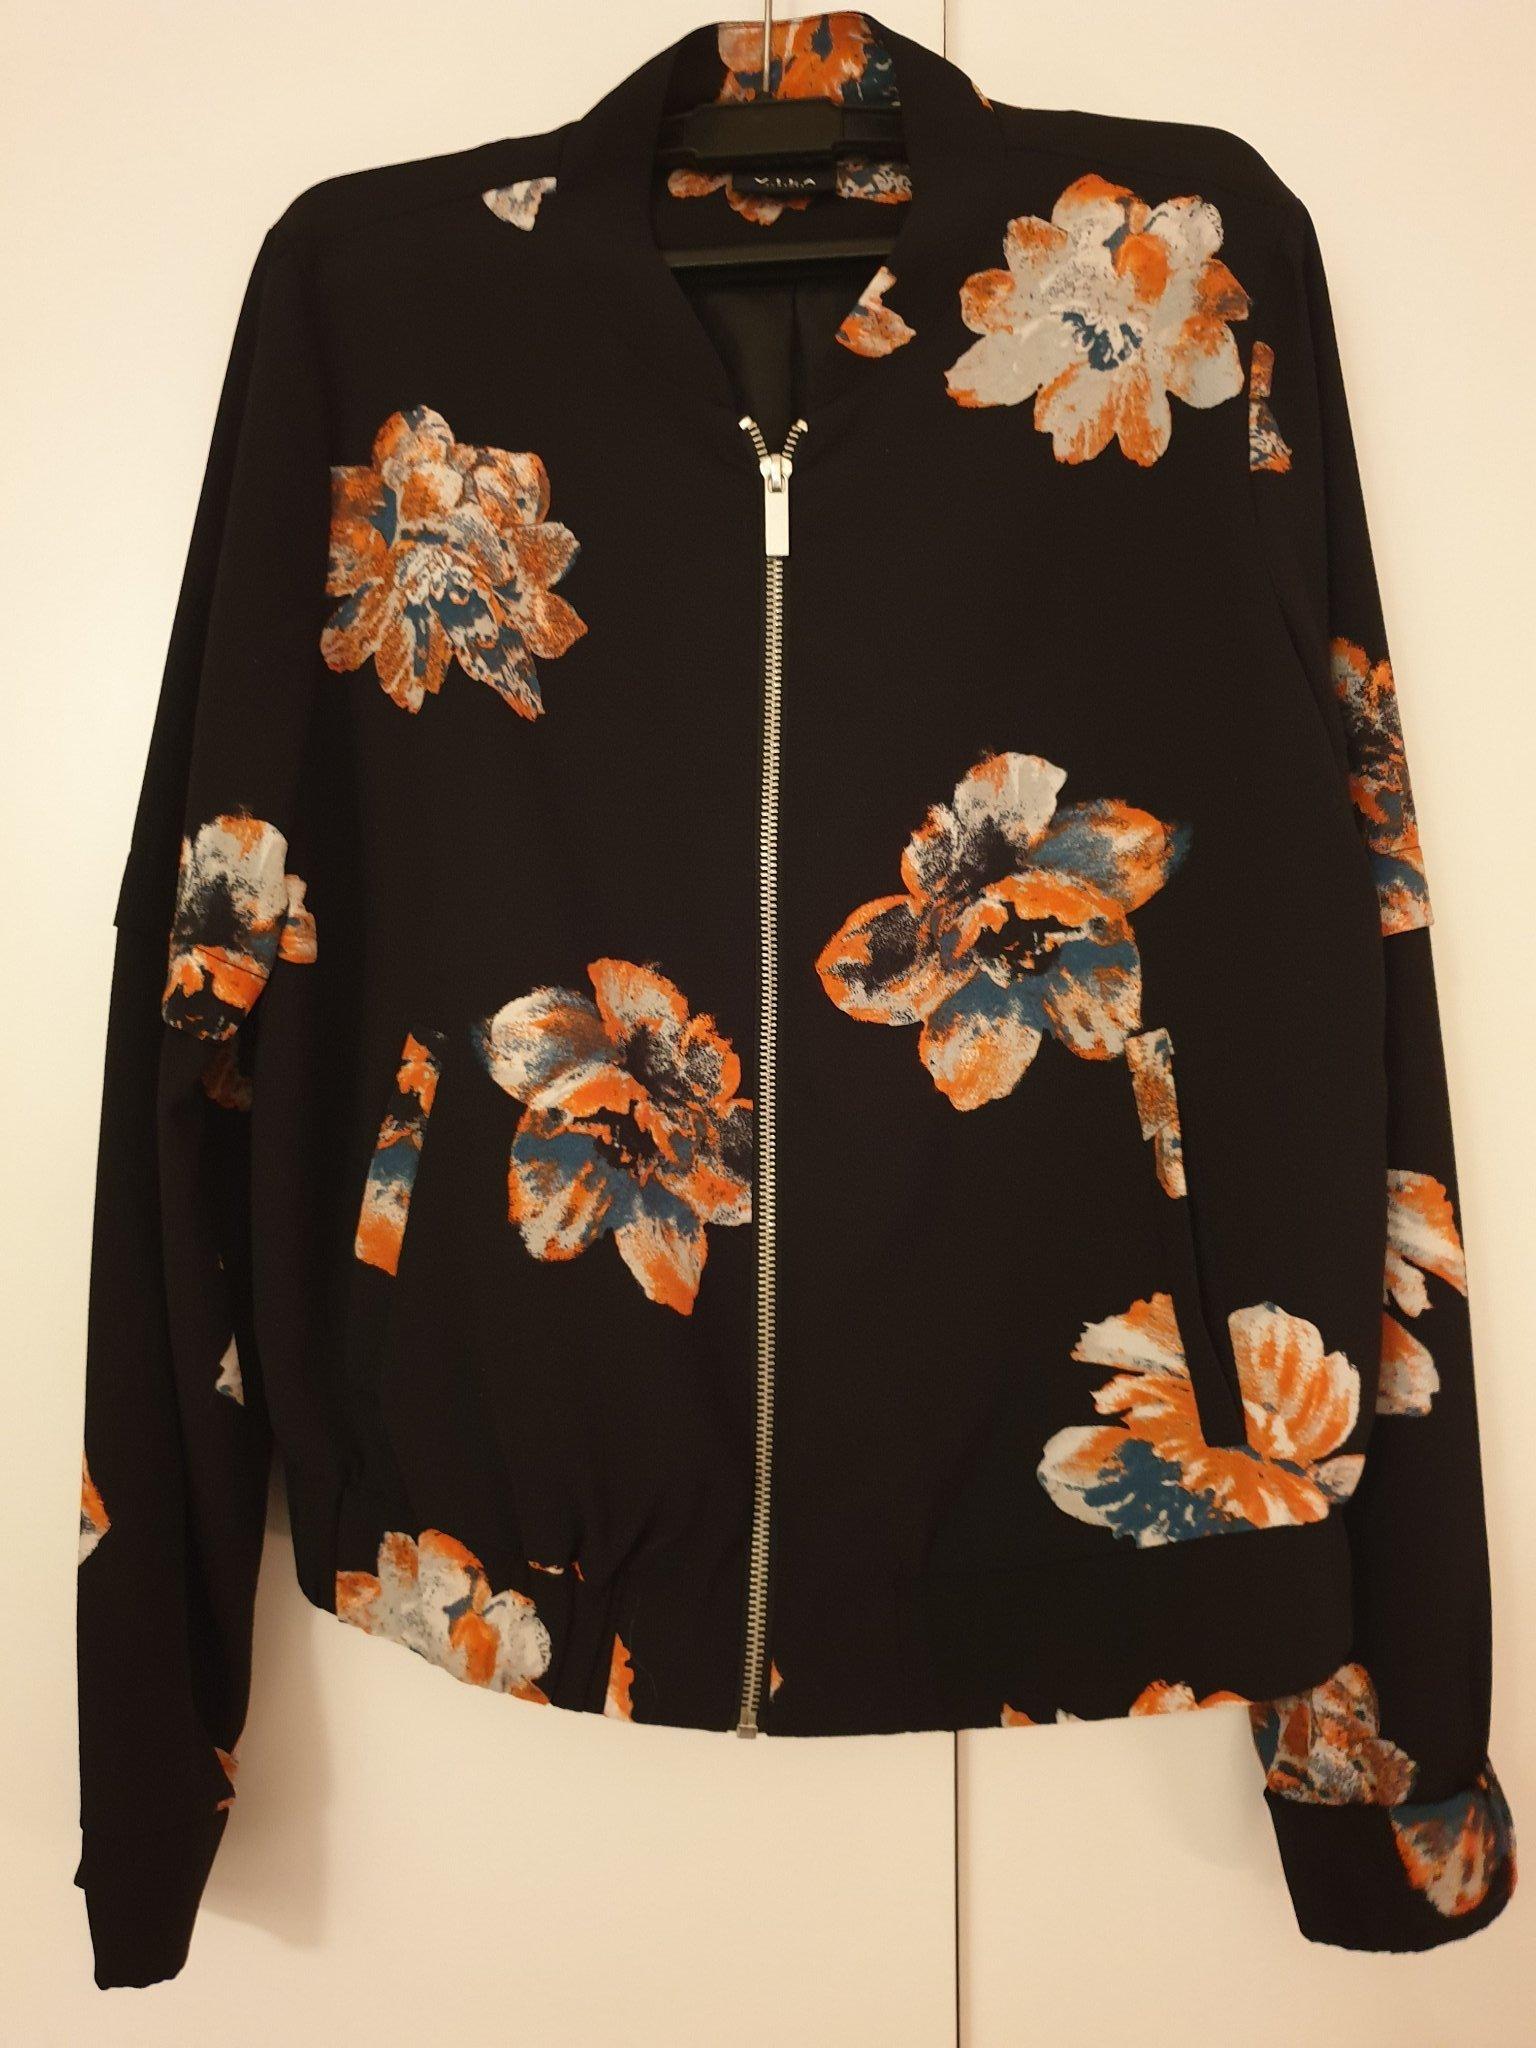 officiell leverantör fabrikspris försäljning med lågt pris Bomberjacka blommig (378139848) ᐈ Köp på Tradera